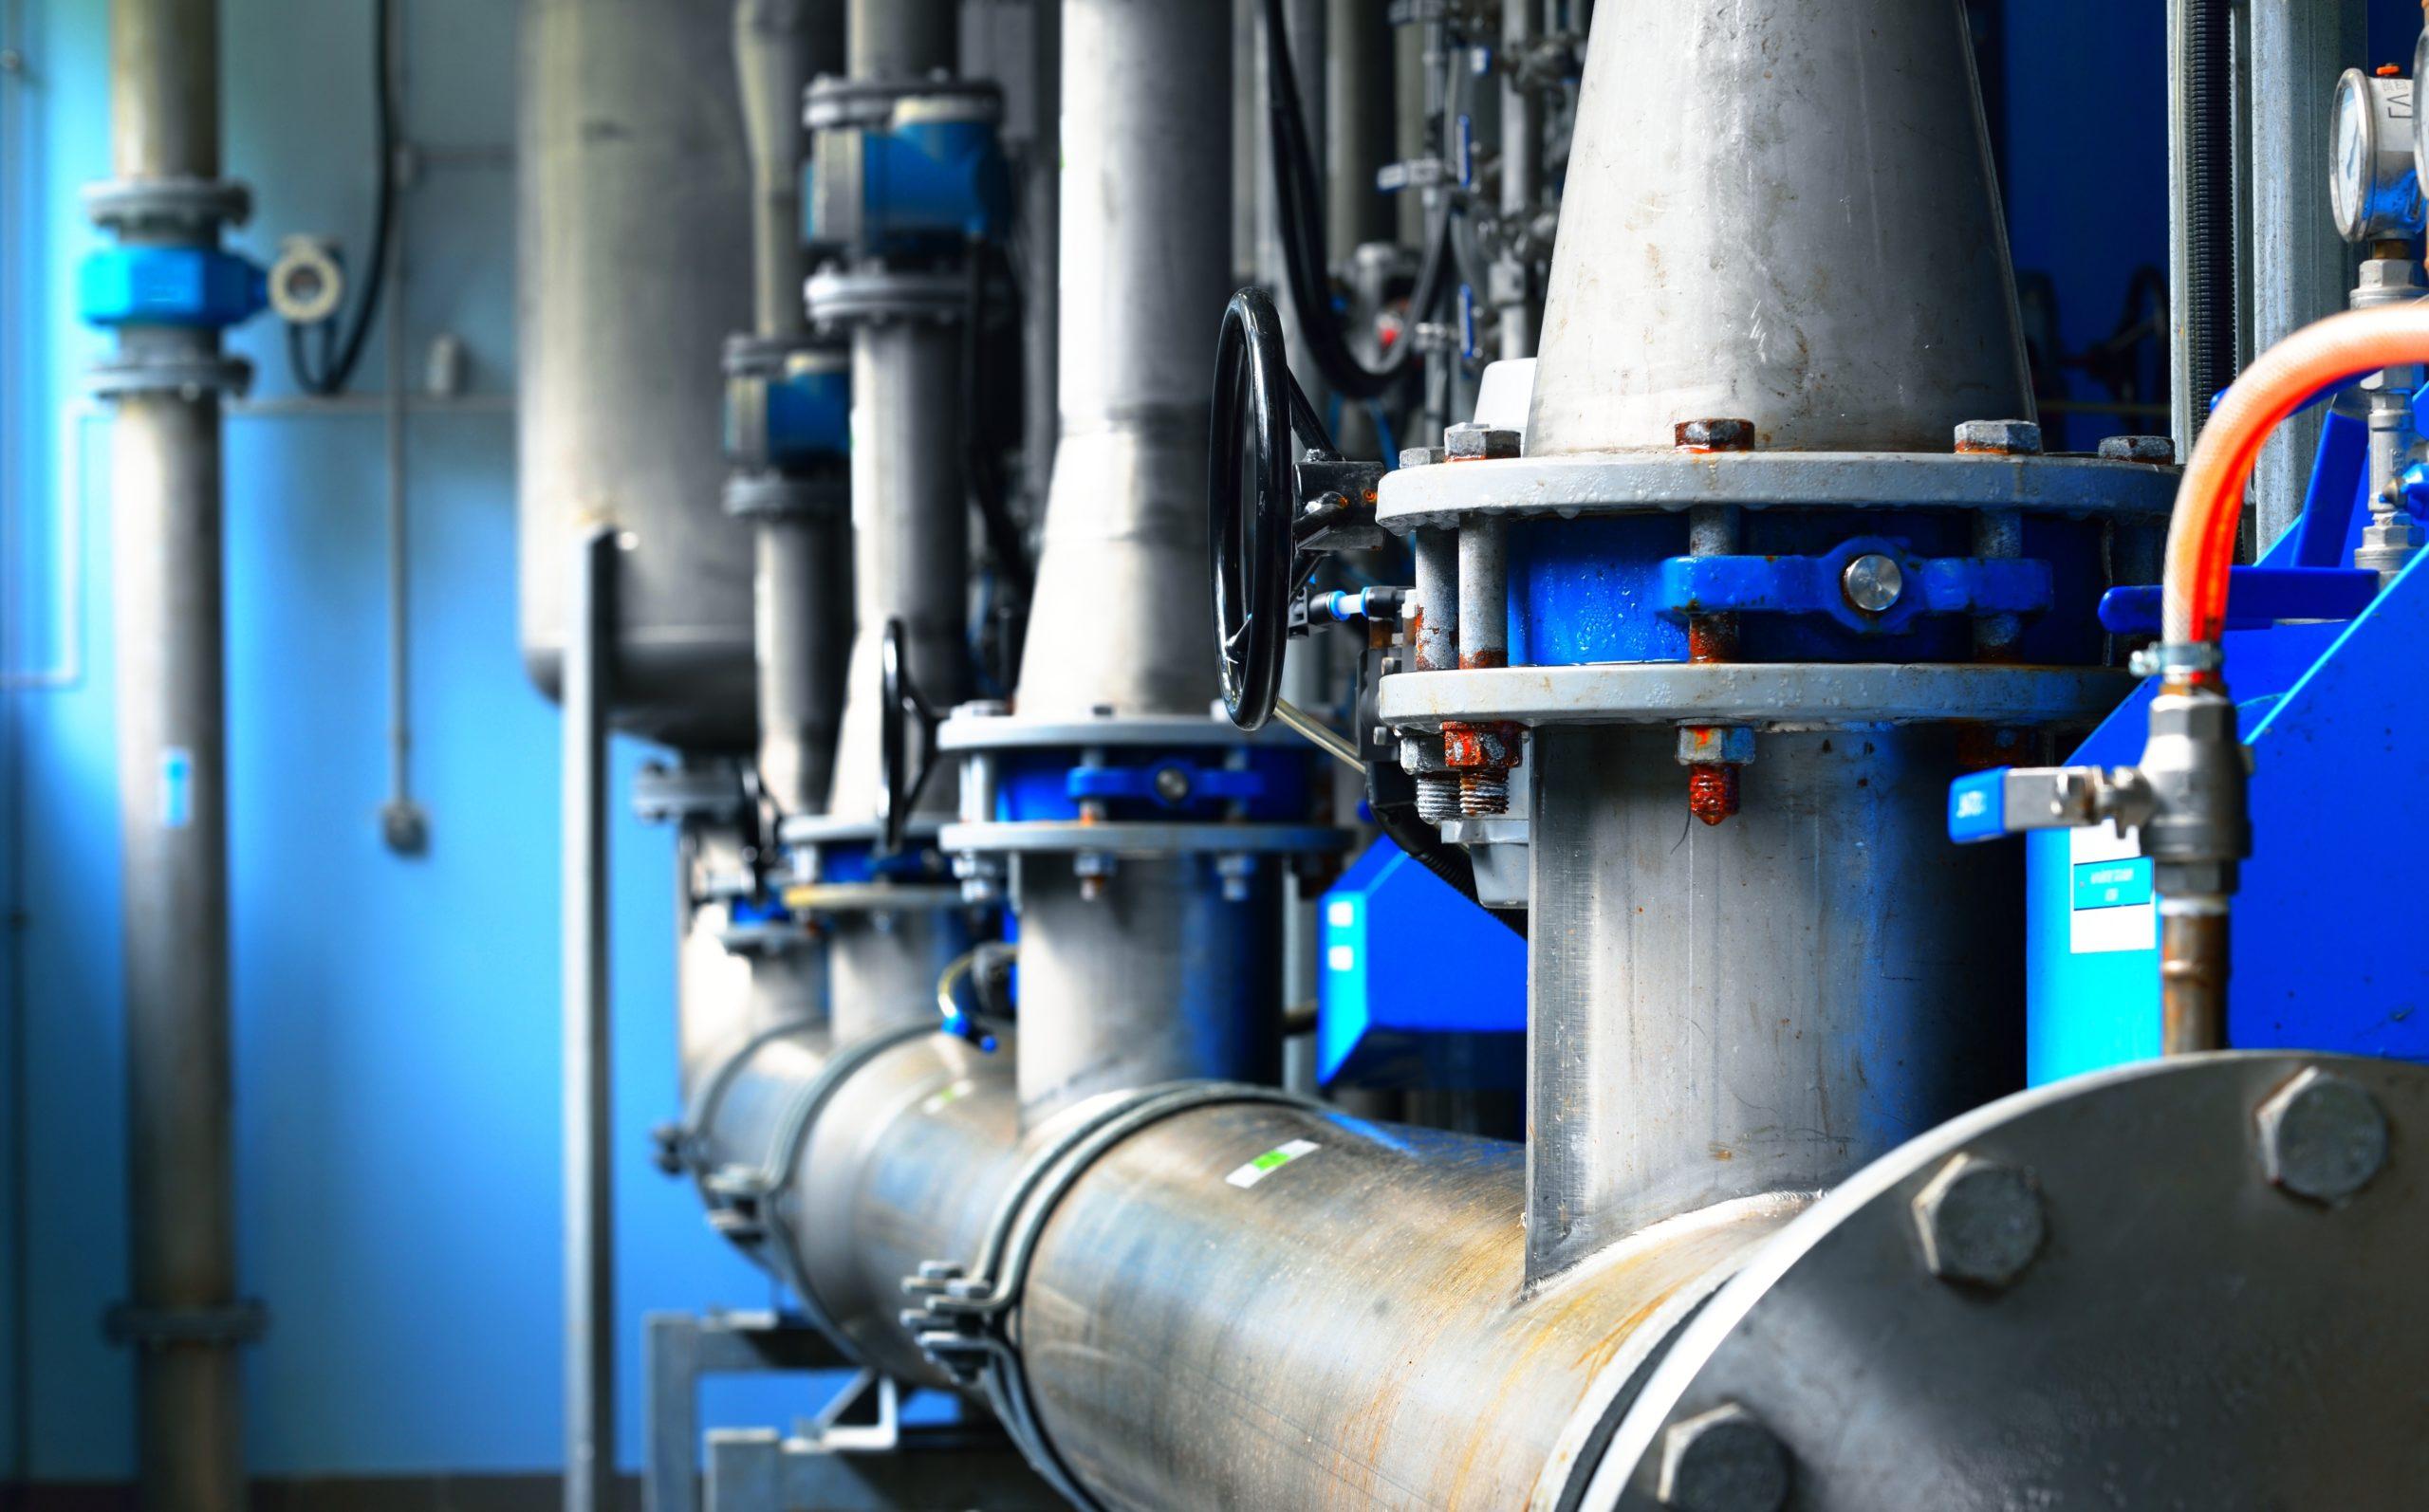 Системы очистки воды на производстве и в загородном доме. Схожесть и отличия в выборе систем для очистки производственной воды и для домашнего потребления.